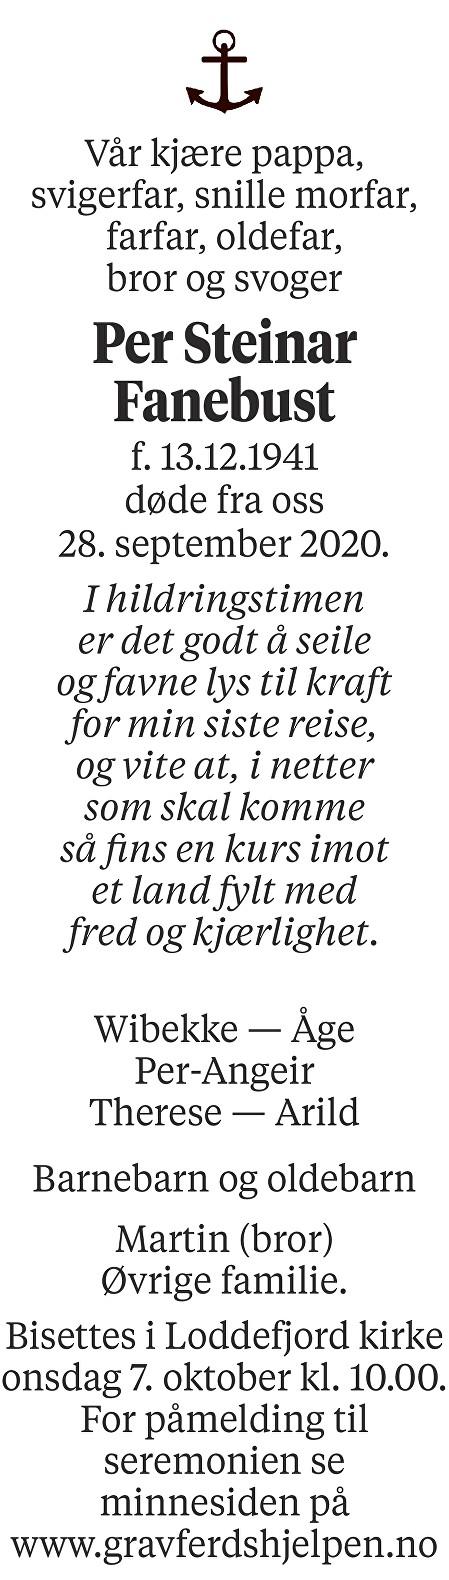 Per Steinar Fanebust Dødsannonse